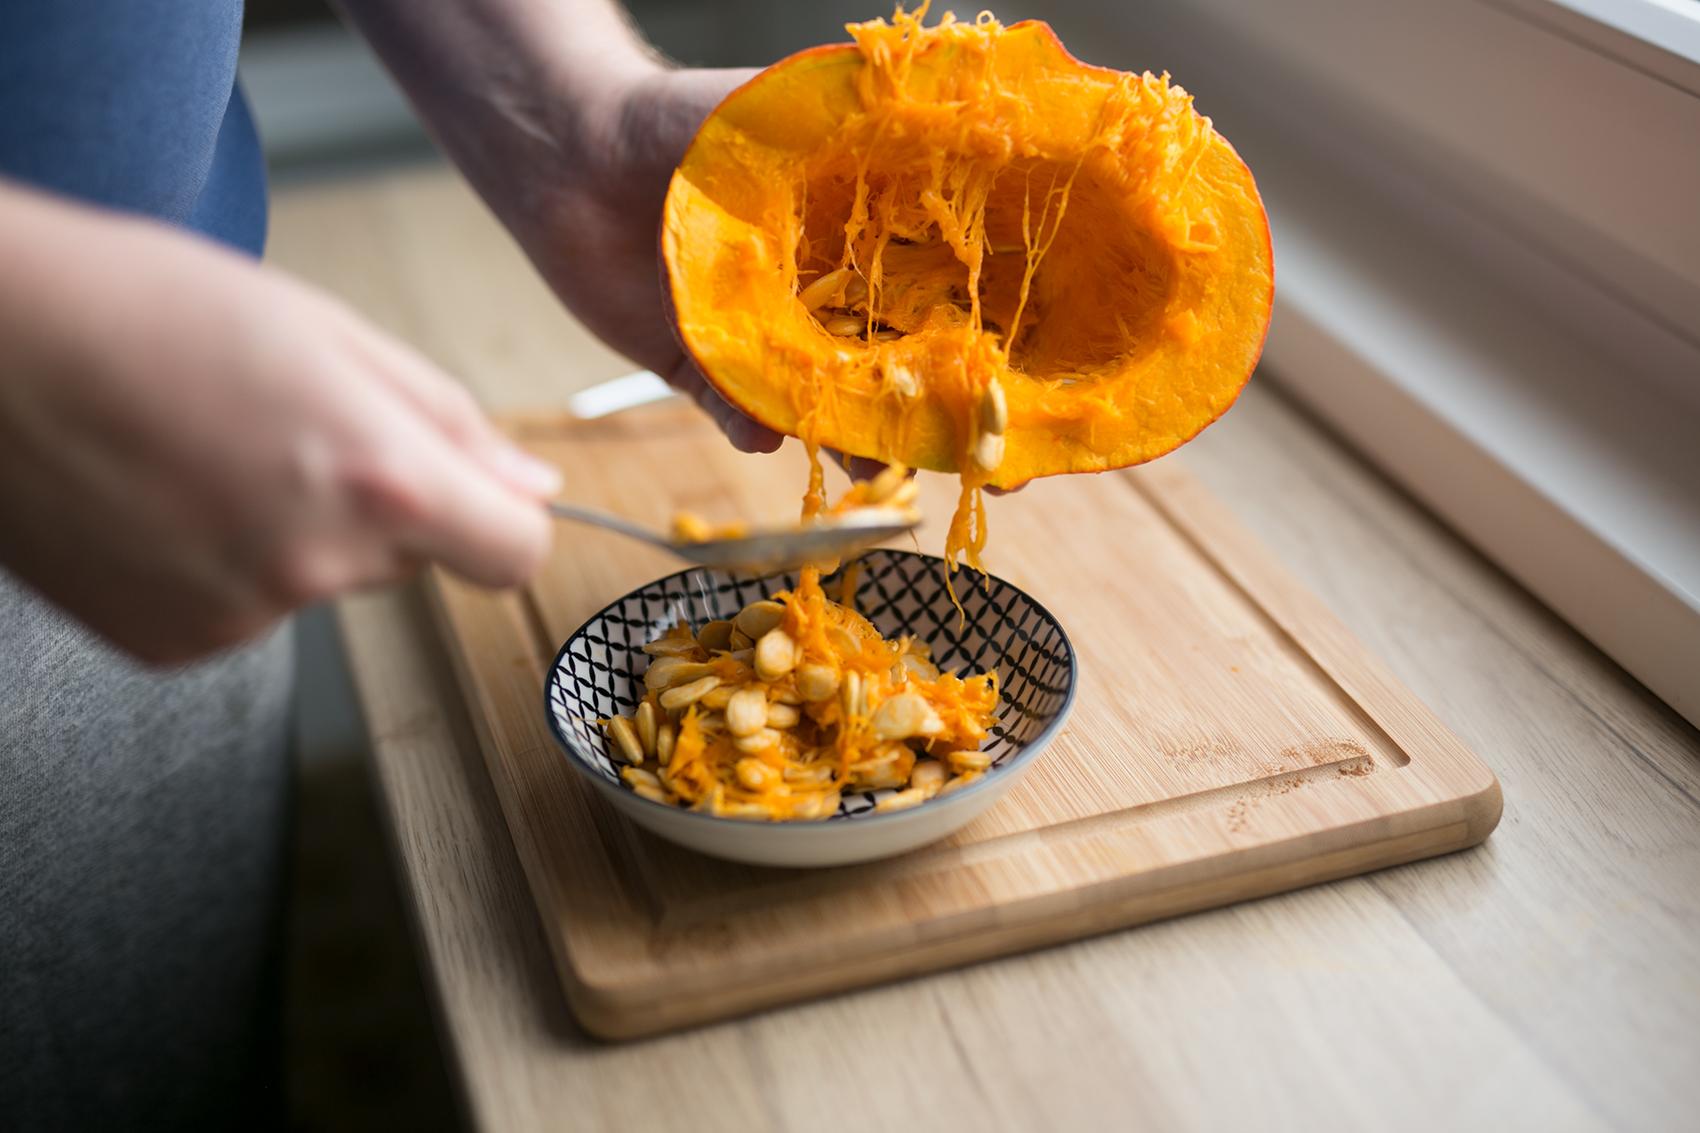 Kürbis ausholen für Pumpkin Spice Latte